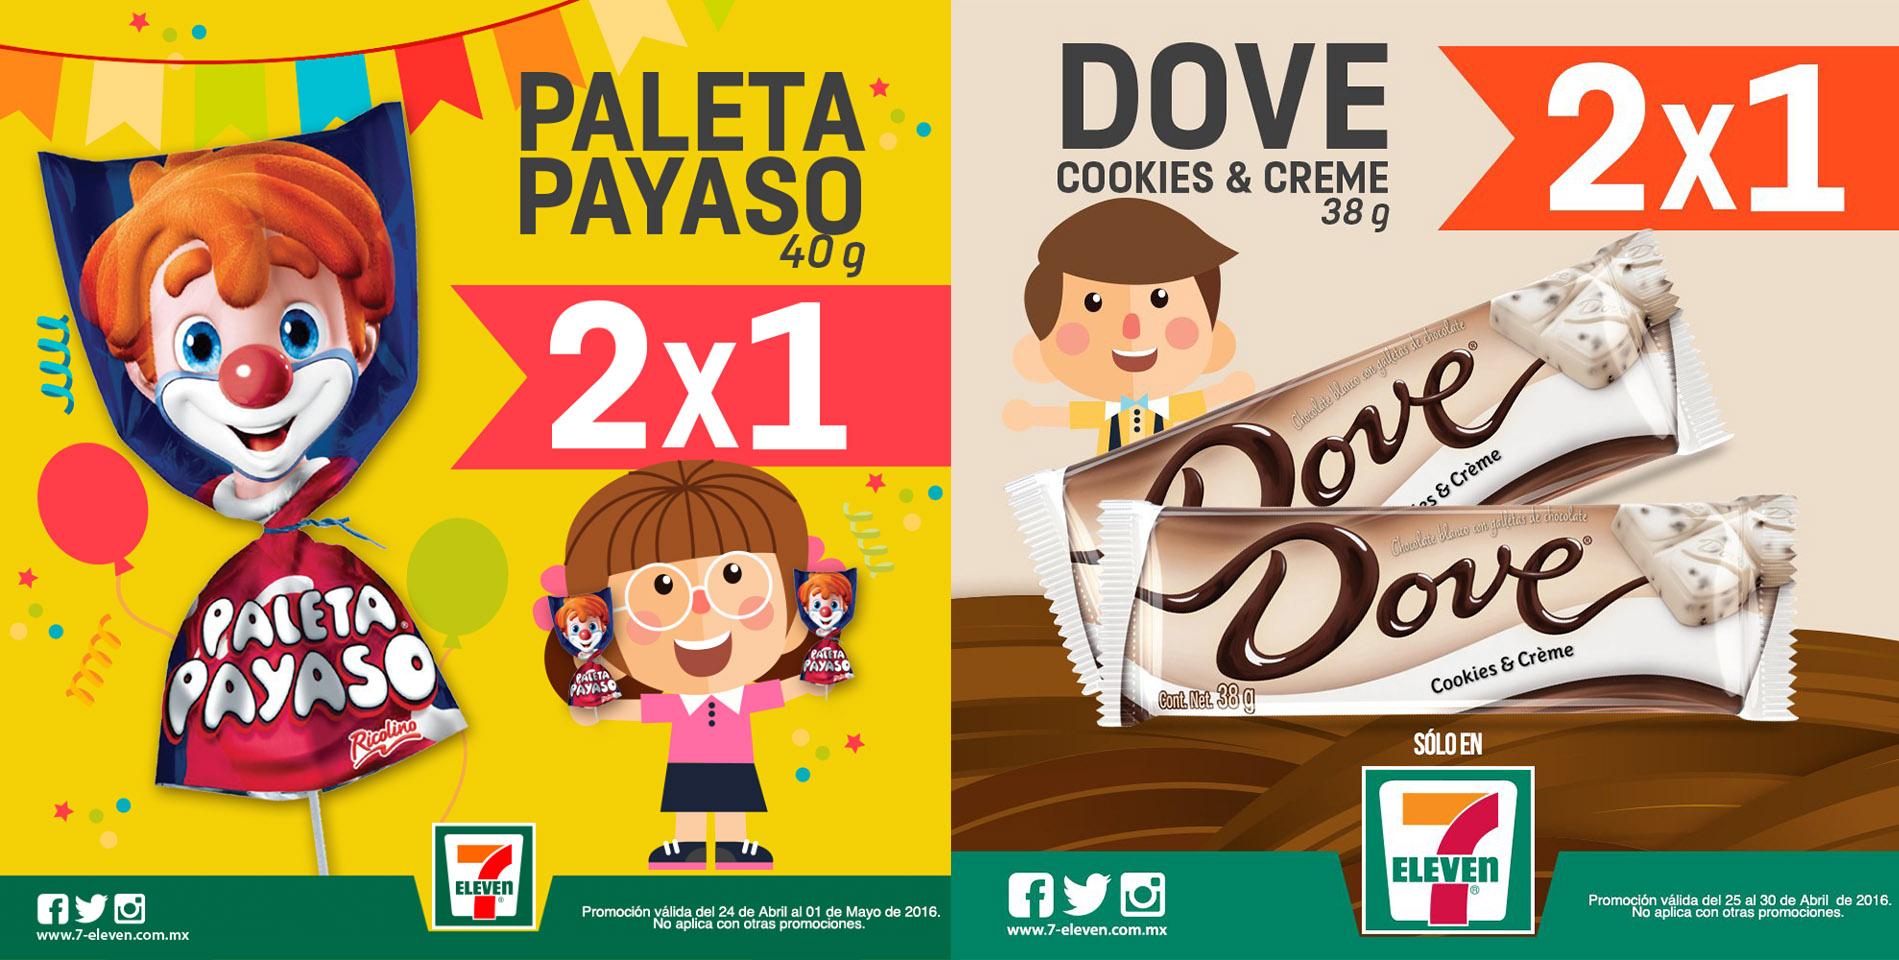 7 Eleven: 2x1 en Paleta Payaso y Chocolate Dove Cookies & Creme 38g